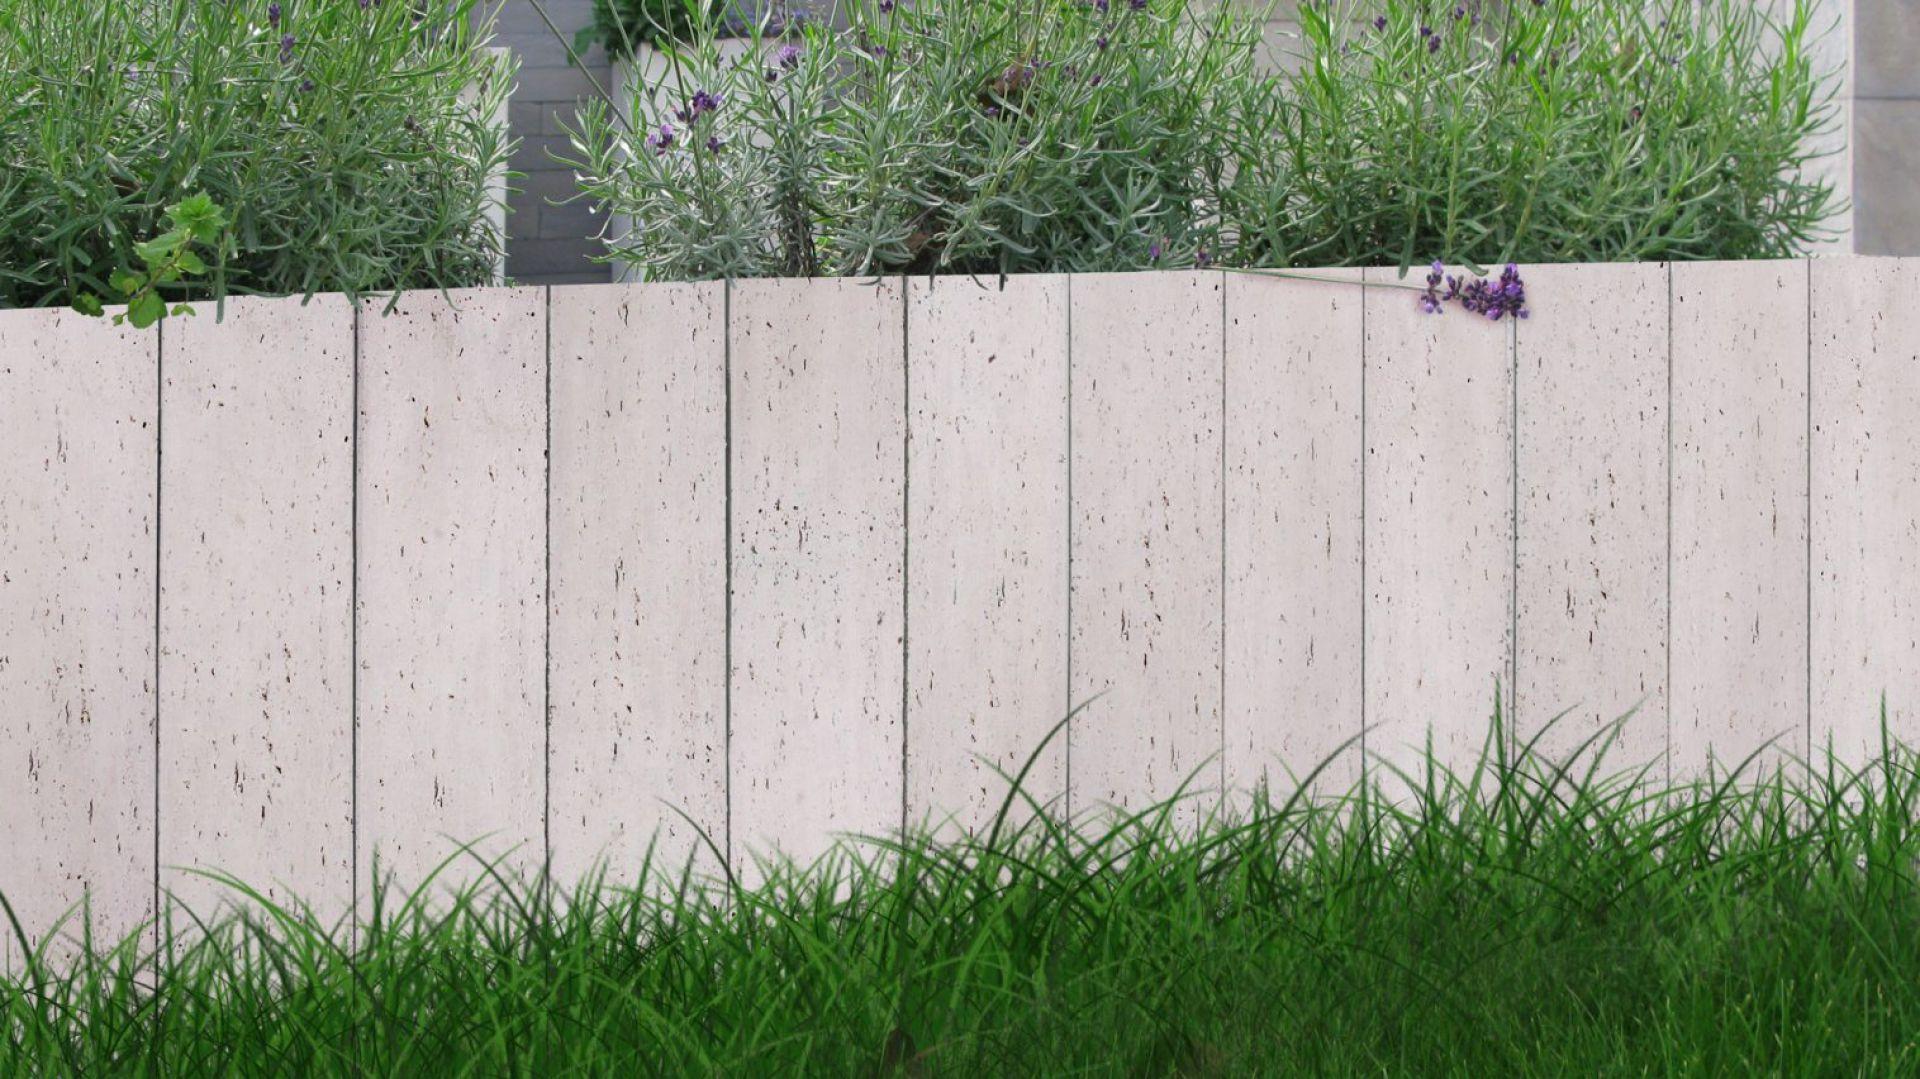 Subtelna powierzchnia i prosta, elegancka forma sprawiają, że nowoczesna palisada doskonale wpisze się w otoczenie utrzymane zarówno w nowoczesnym, jak i klasycznym stylu. Fot. Libet